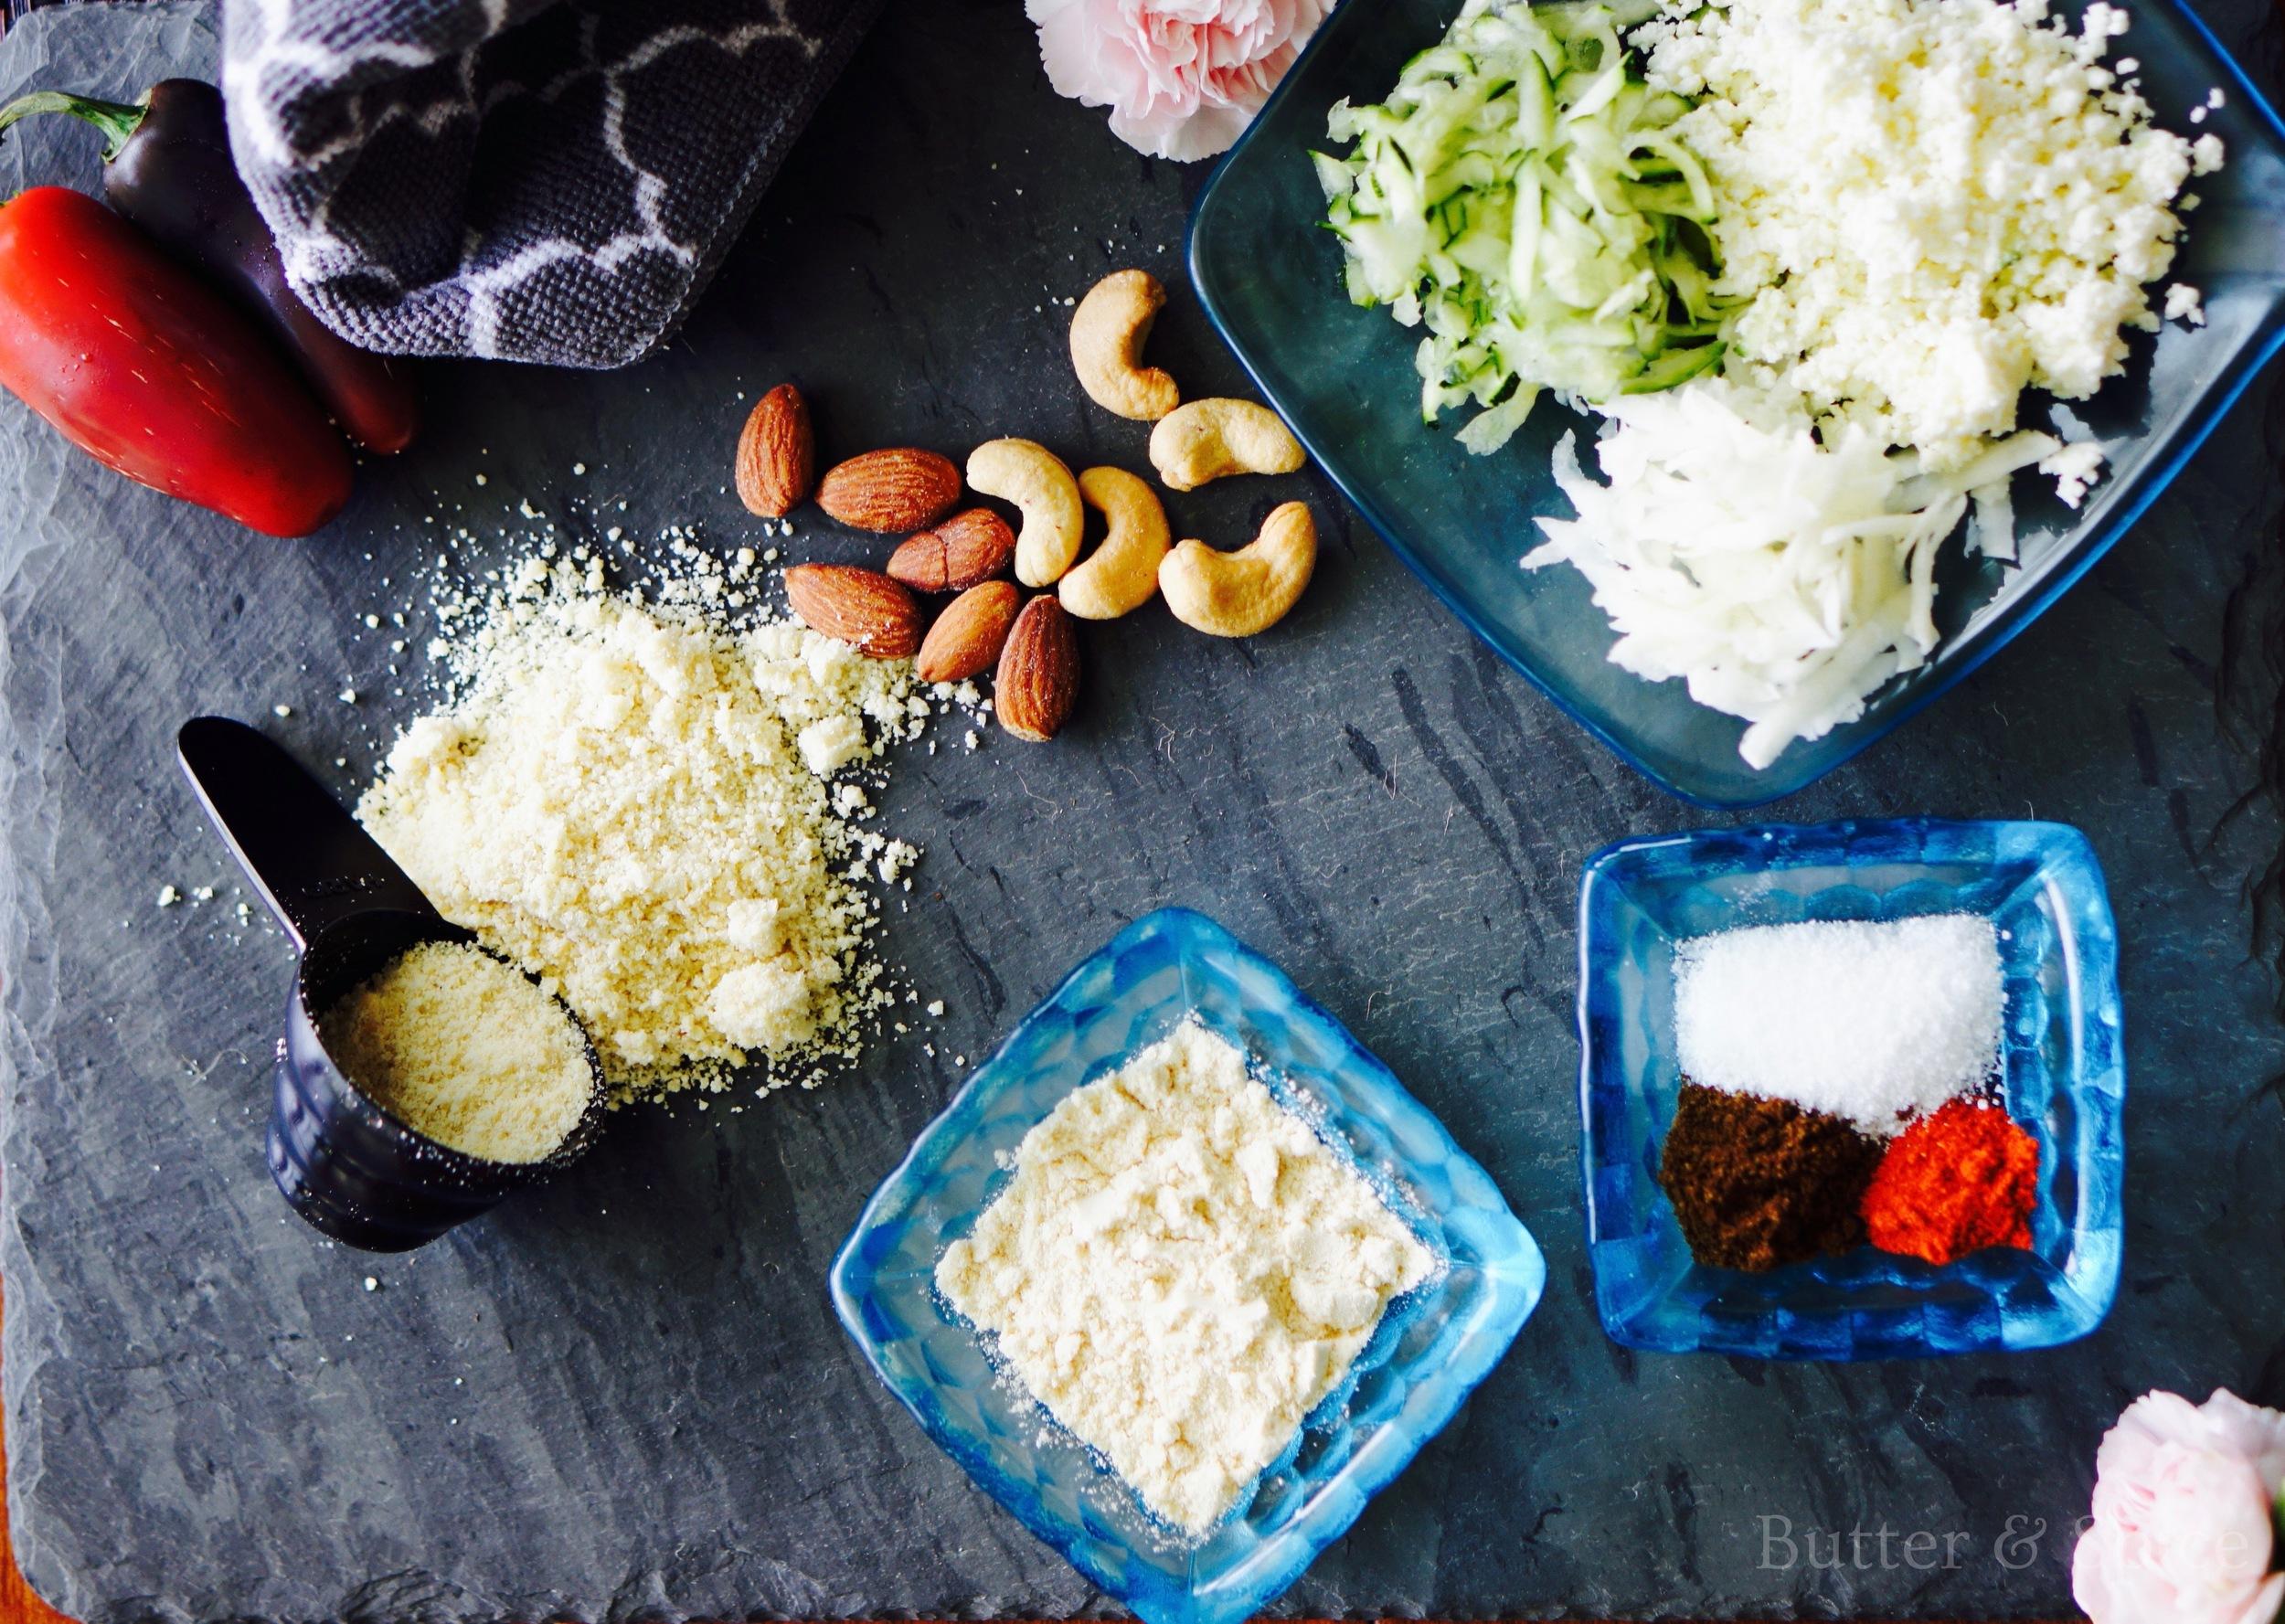 Low Carb Malai Kofta Ingredients